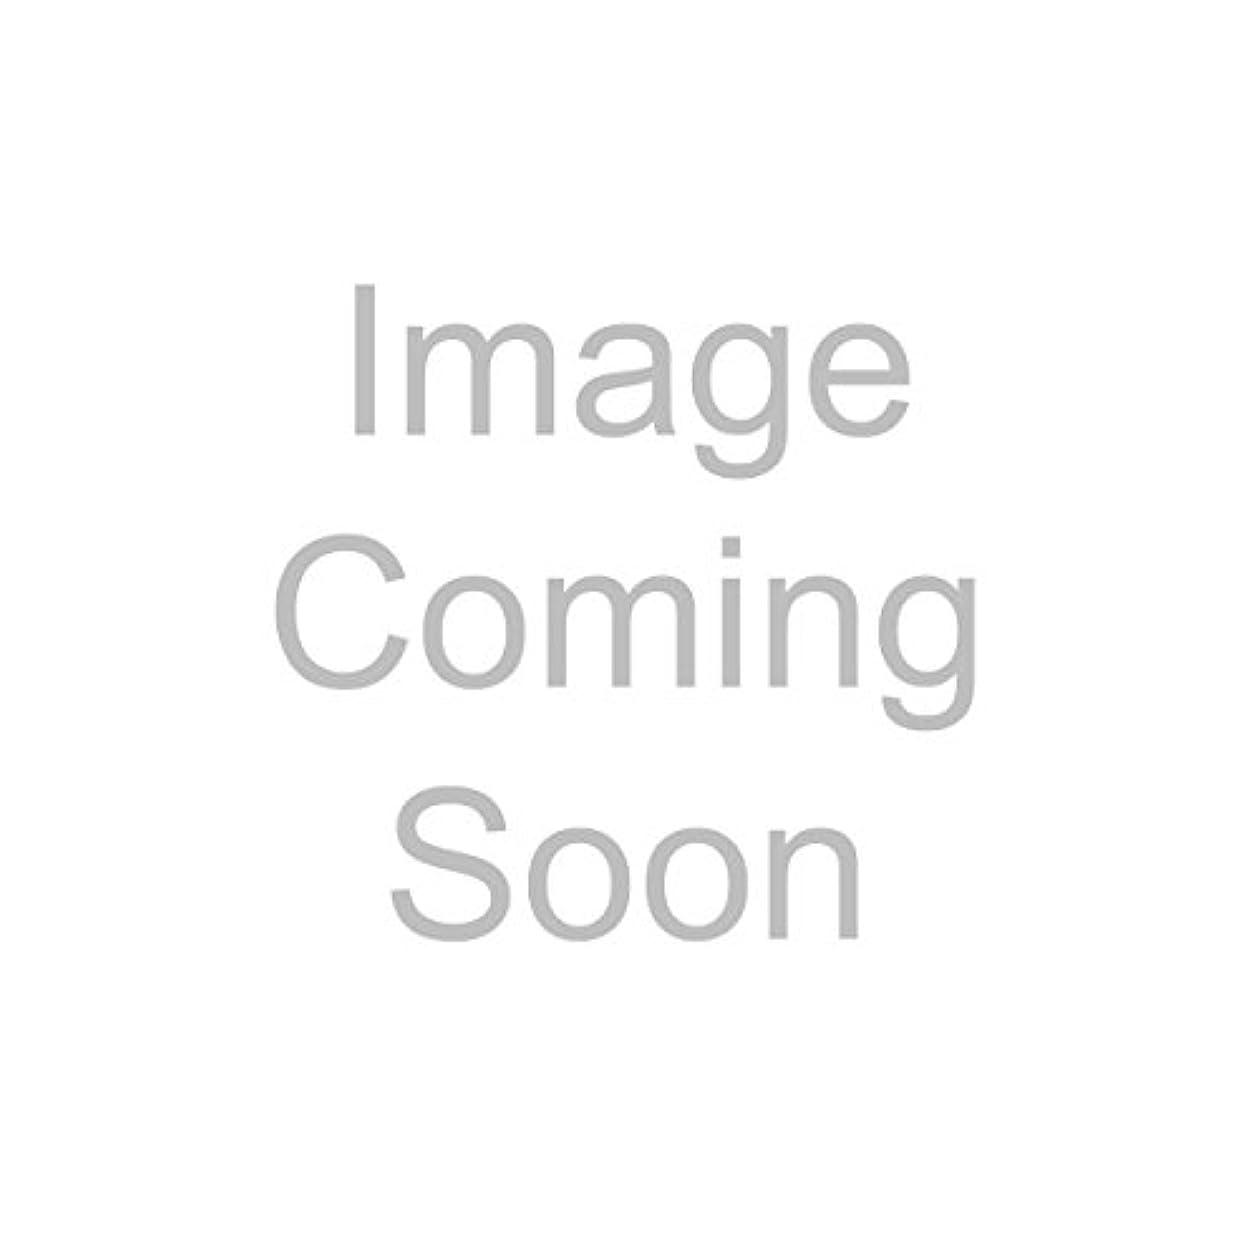 読書忠実なマンモスRMK アールエムケー クリーミィ ポリッシュト ベース N #01 アイボリー 30g